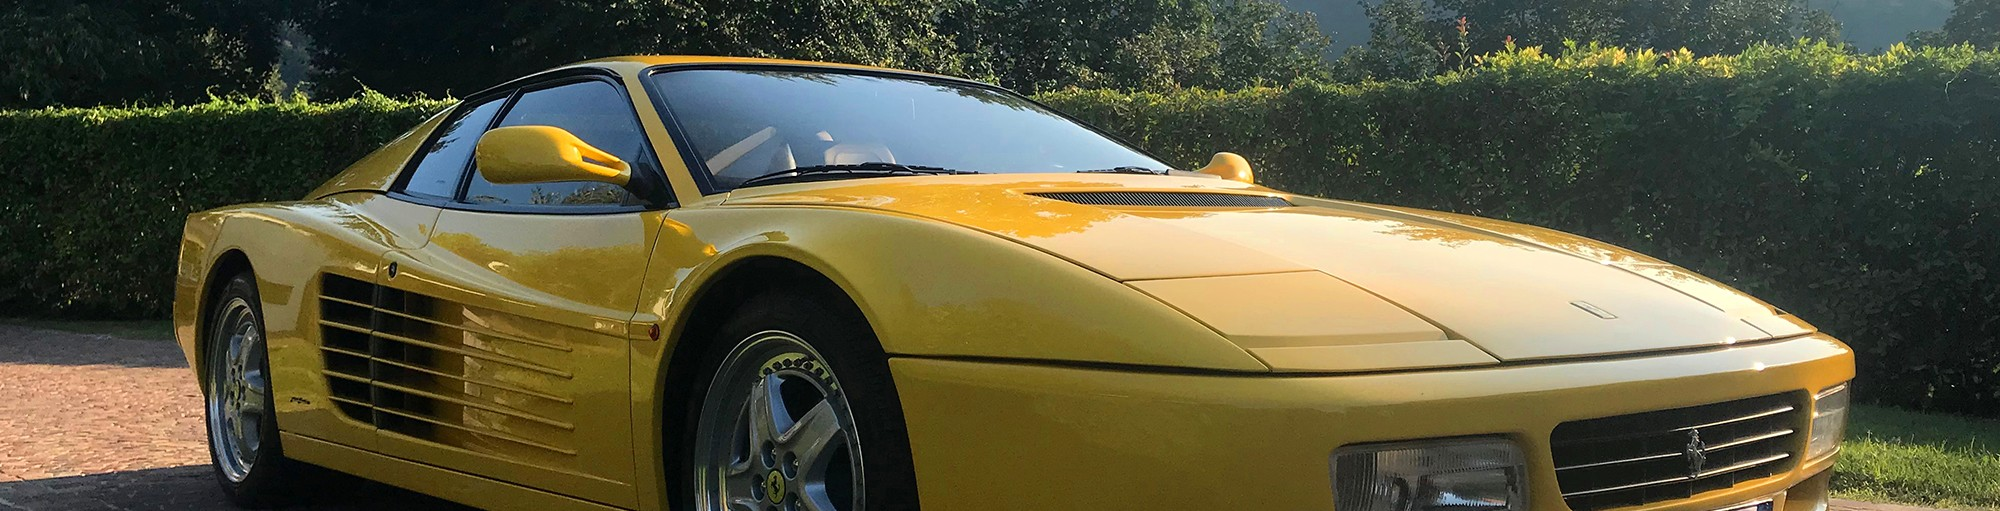 Ferrari 512TR in vendita - Passione Classica